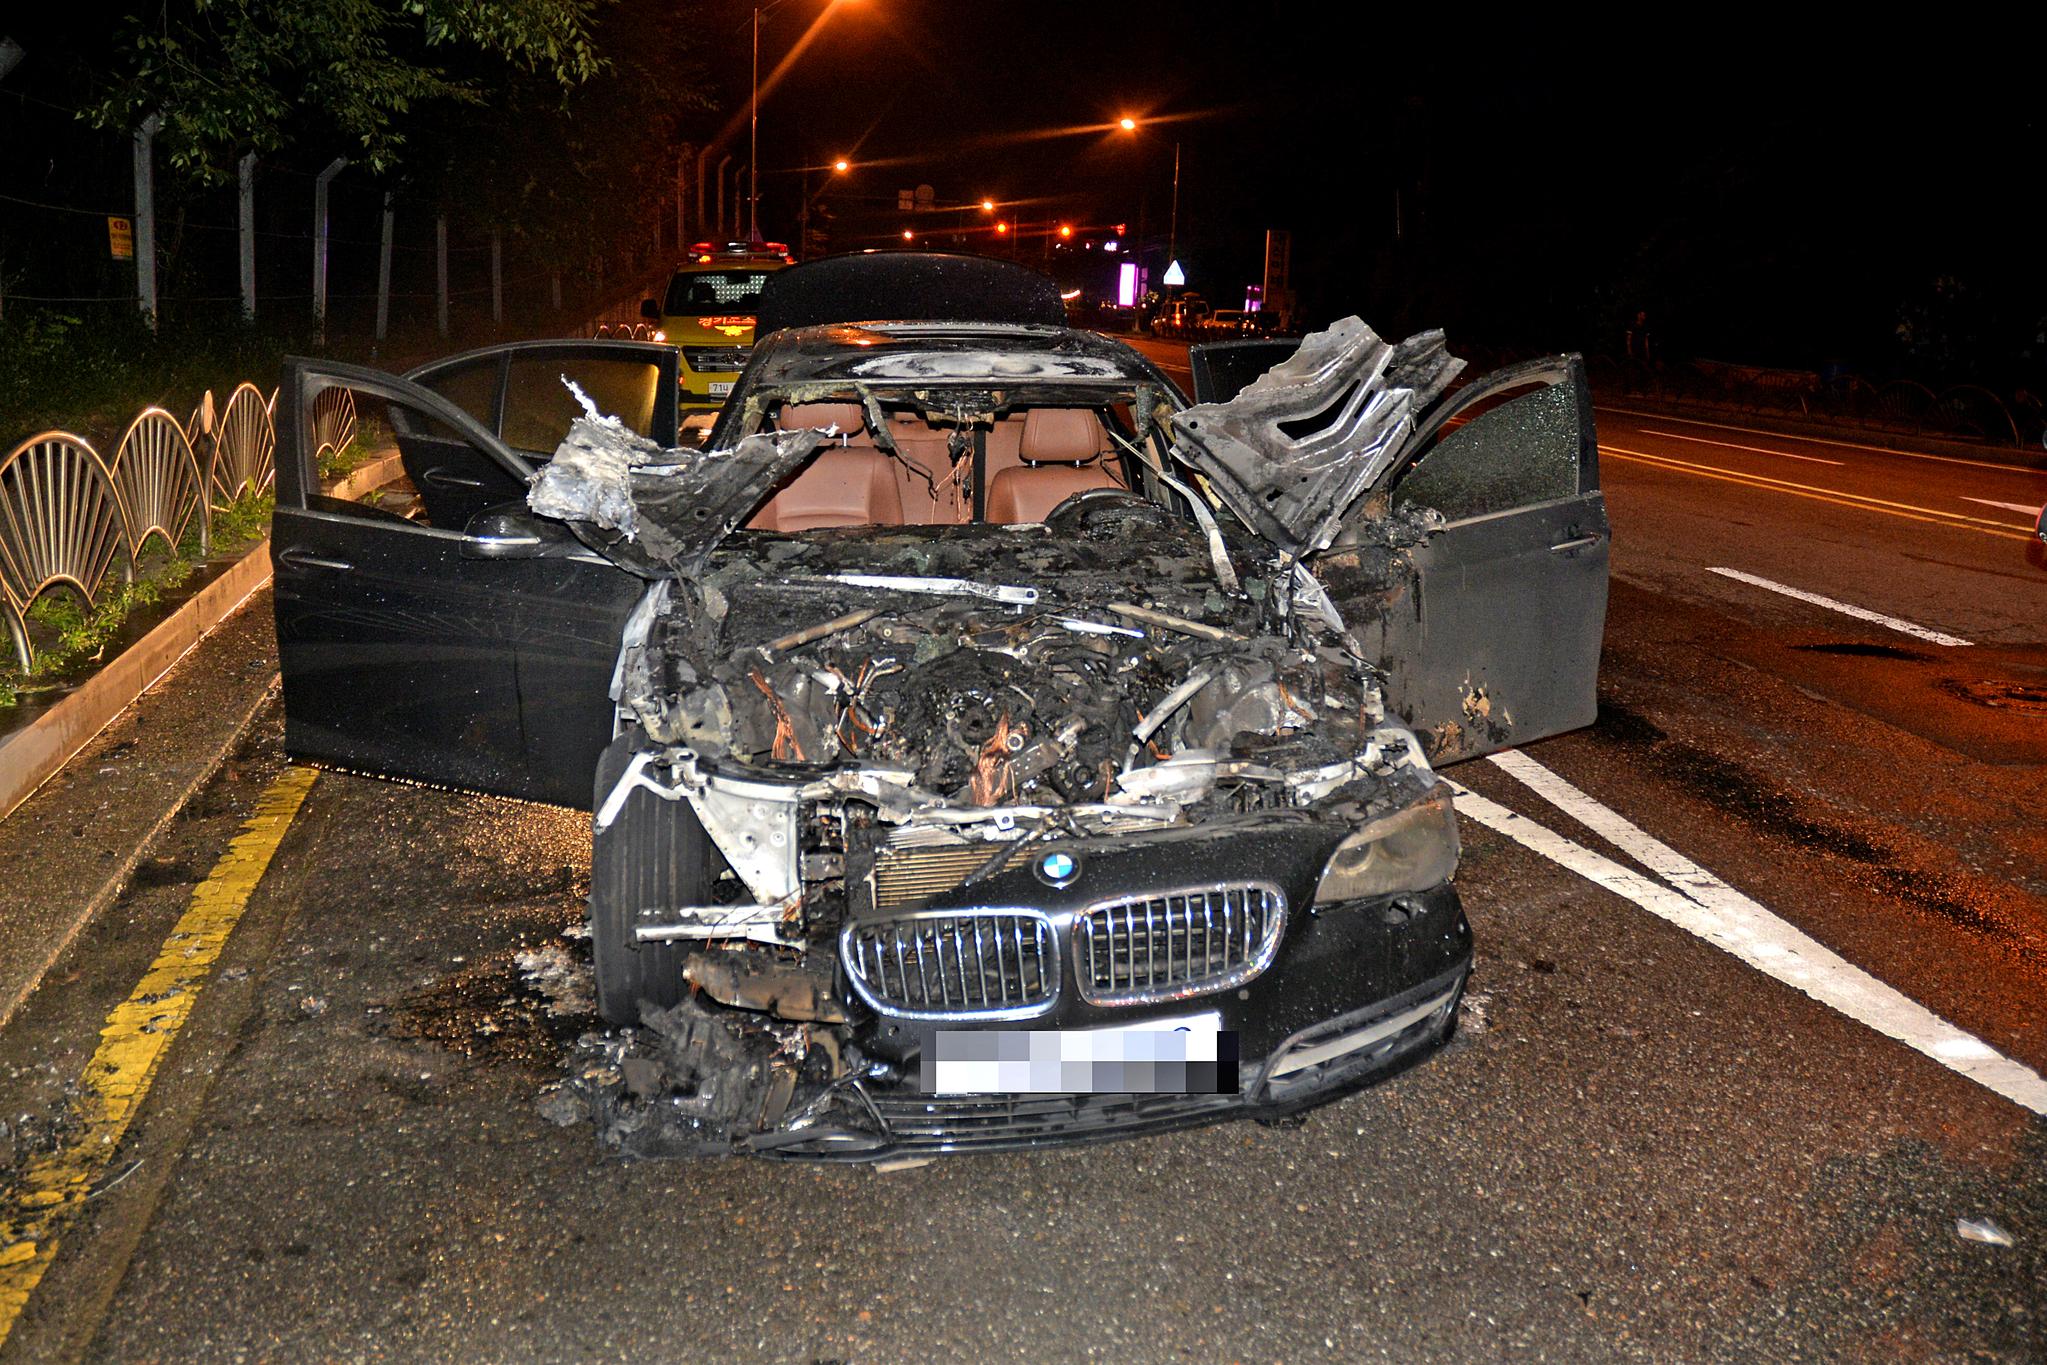 [미리보는 오늘] 운행정지 조치, 'BMW 화재 공포' 가라앉힐까?